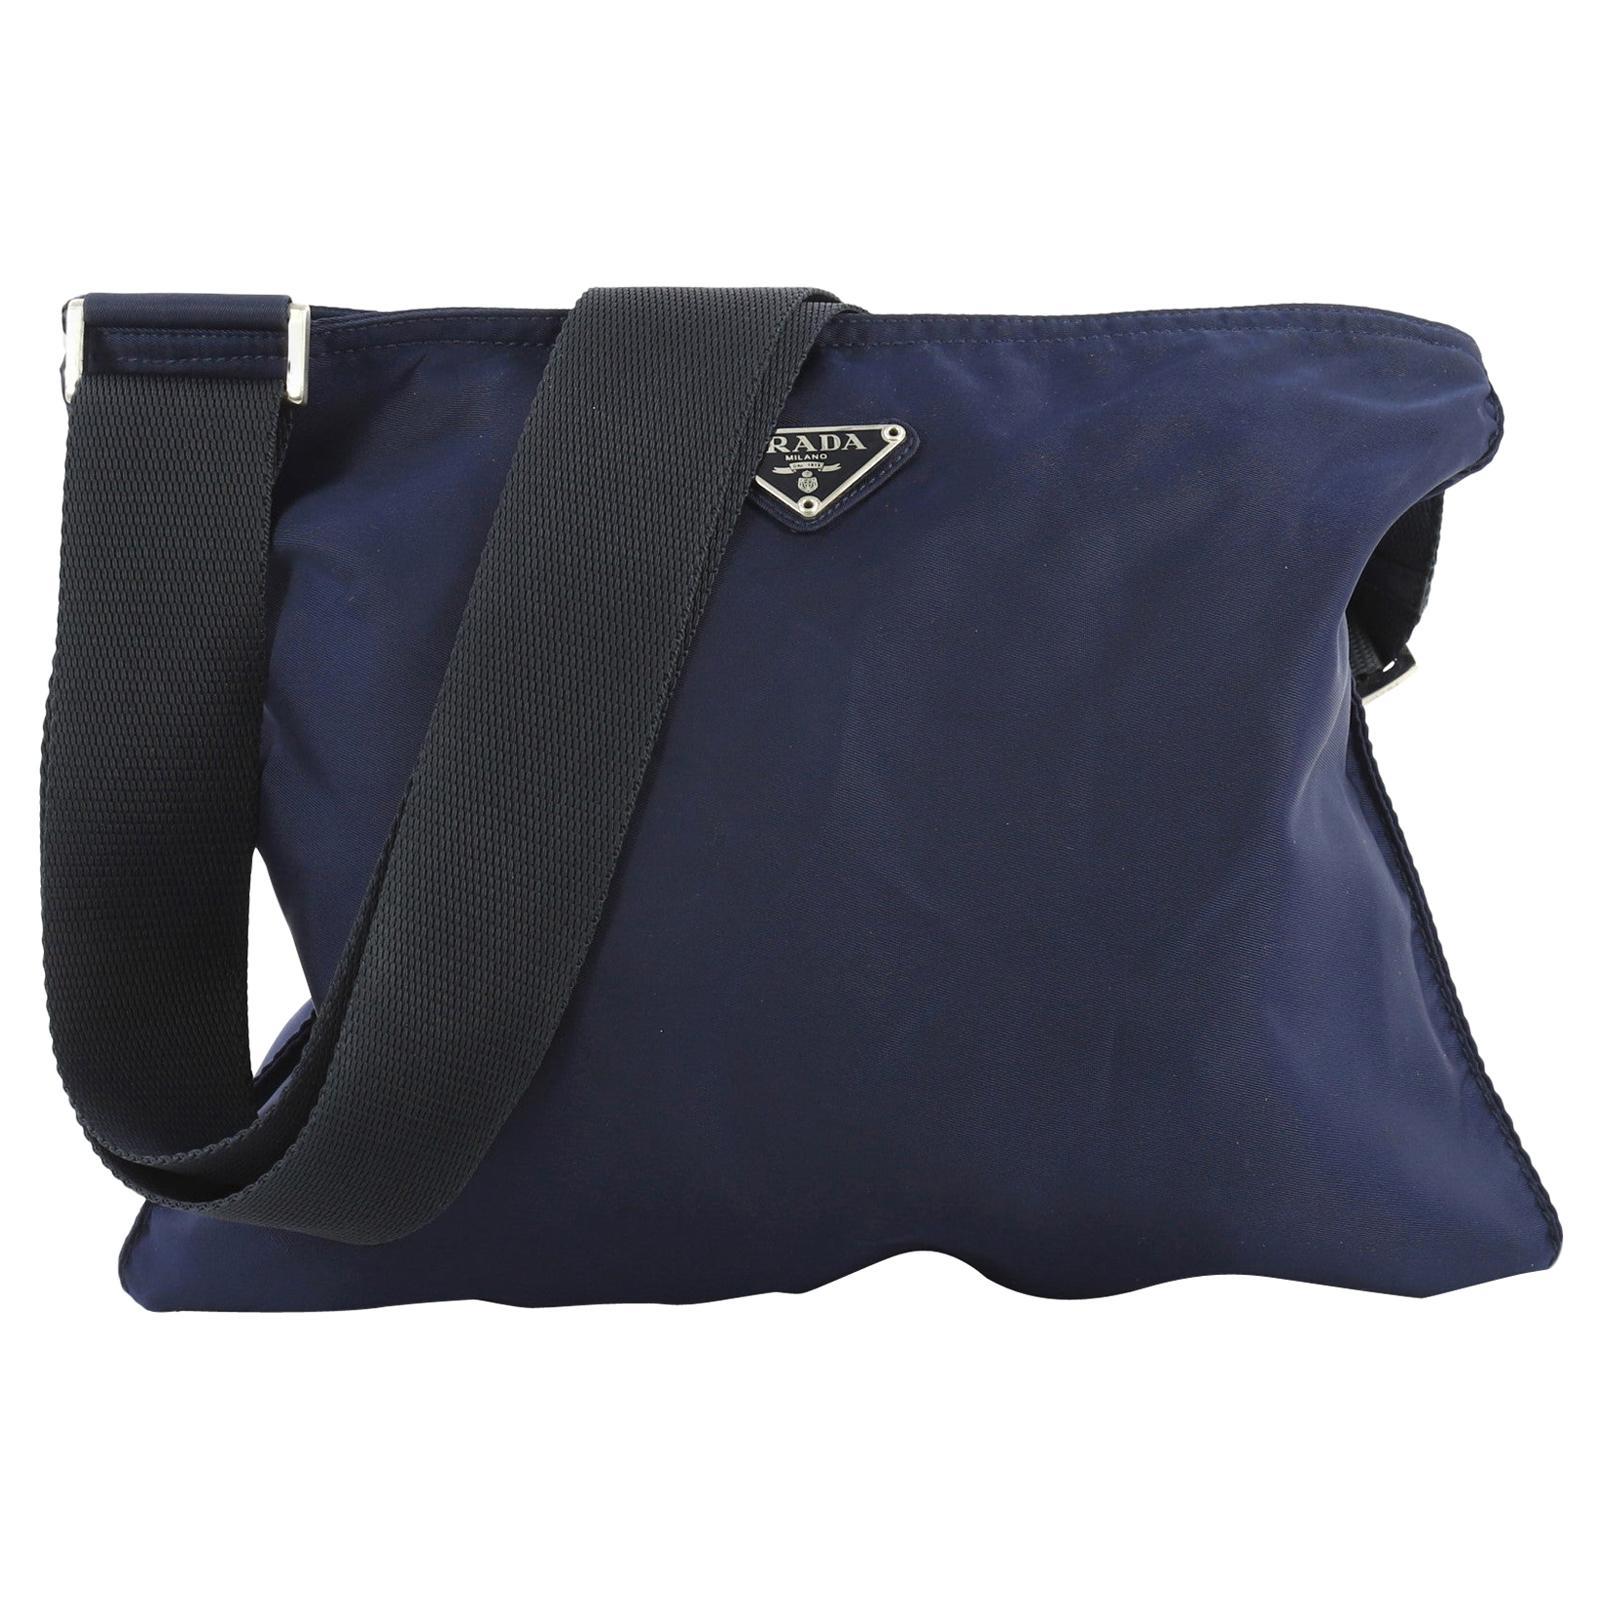 6ca9f96efd445 Rebag Crossbody Bags and Messenger Bags - 1stdibs